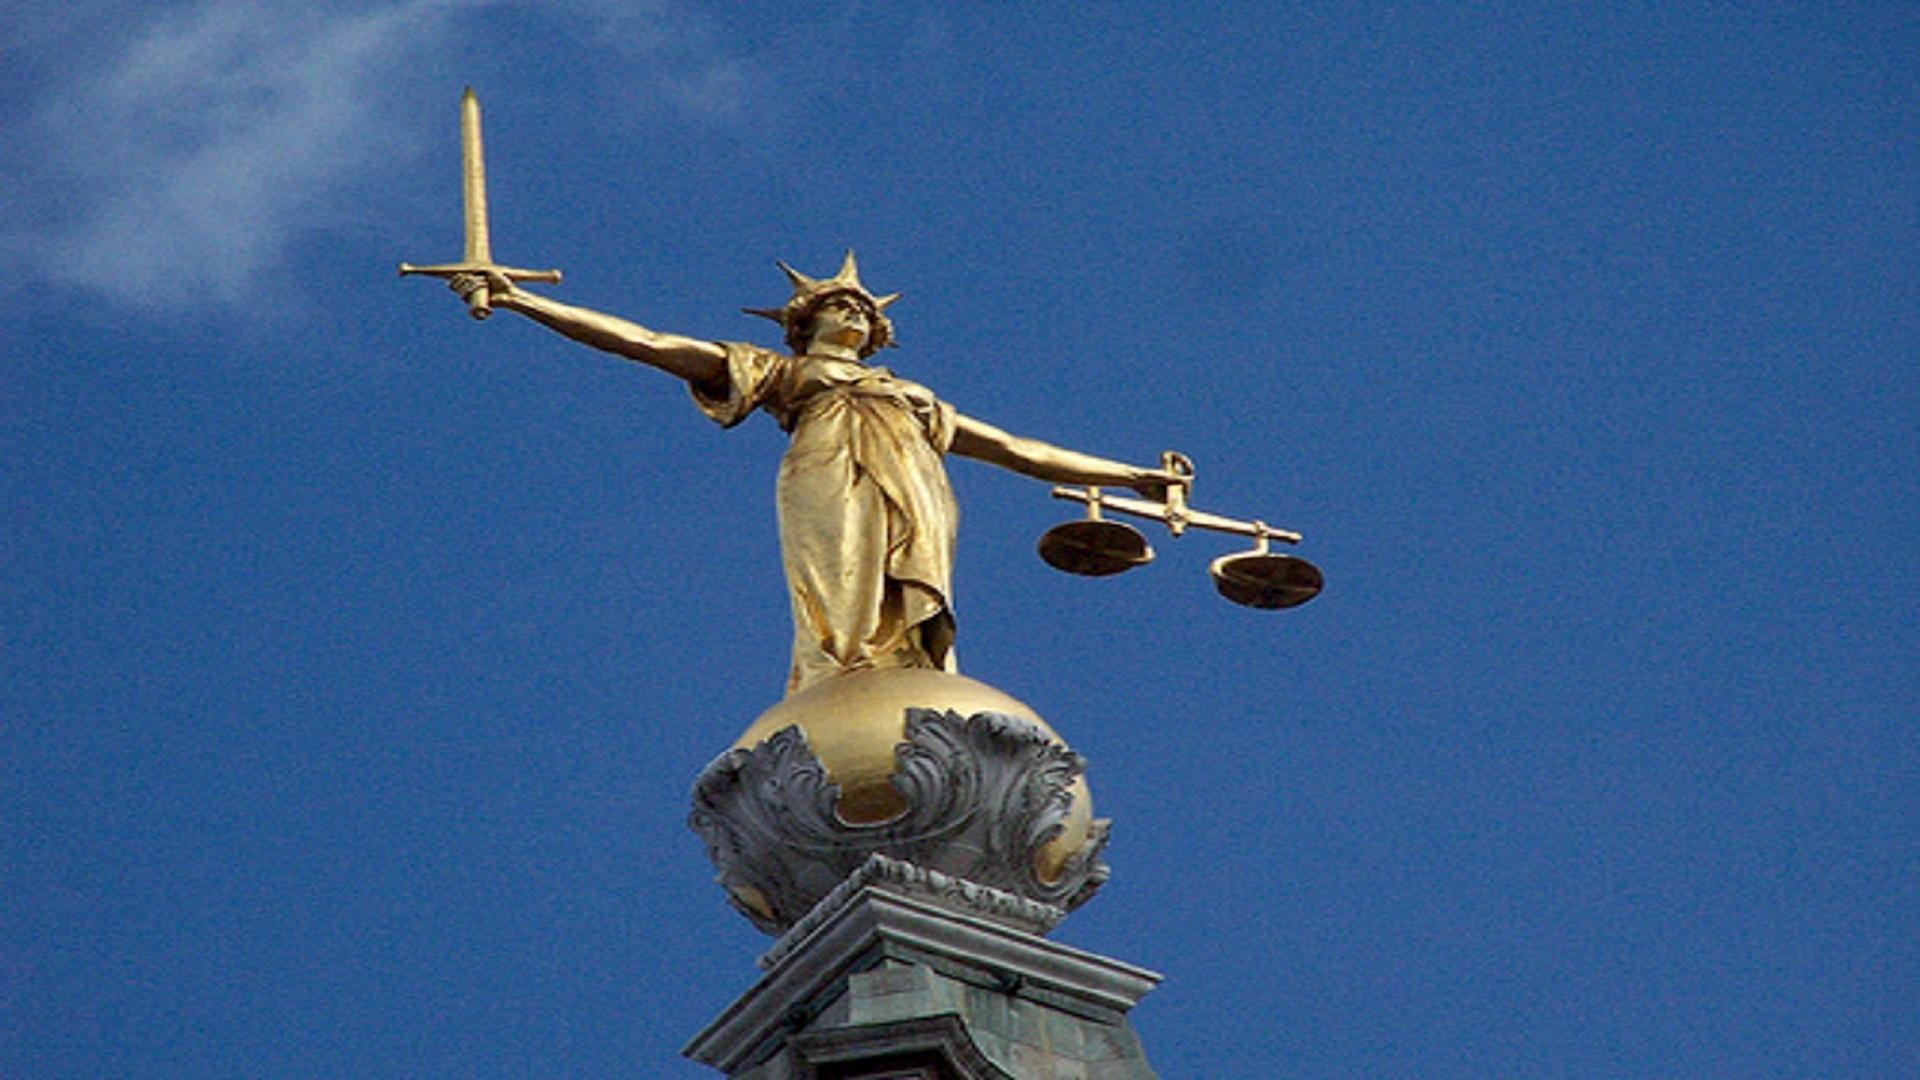 3 adviezen om met meer zelfbeheersing om te gaan met onrechtvaardigheidsgevoel